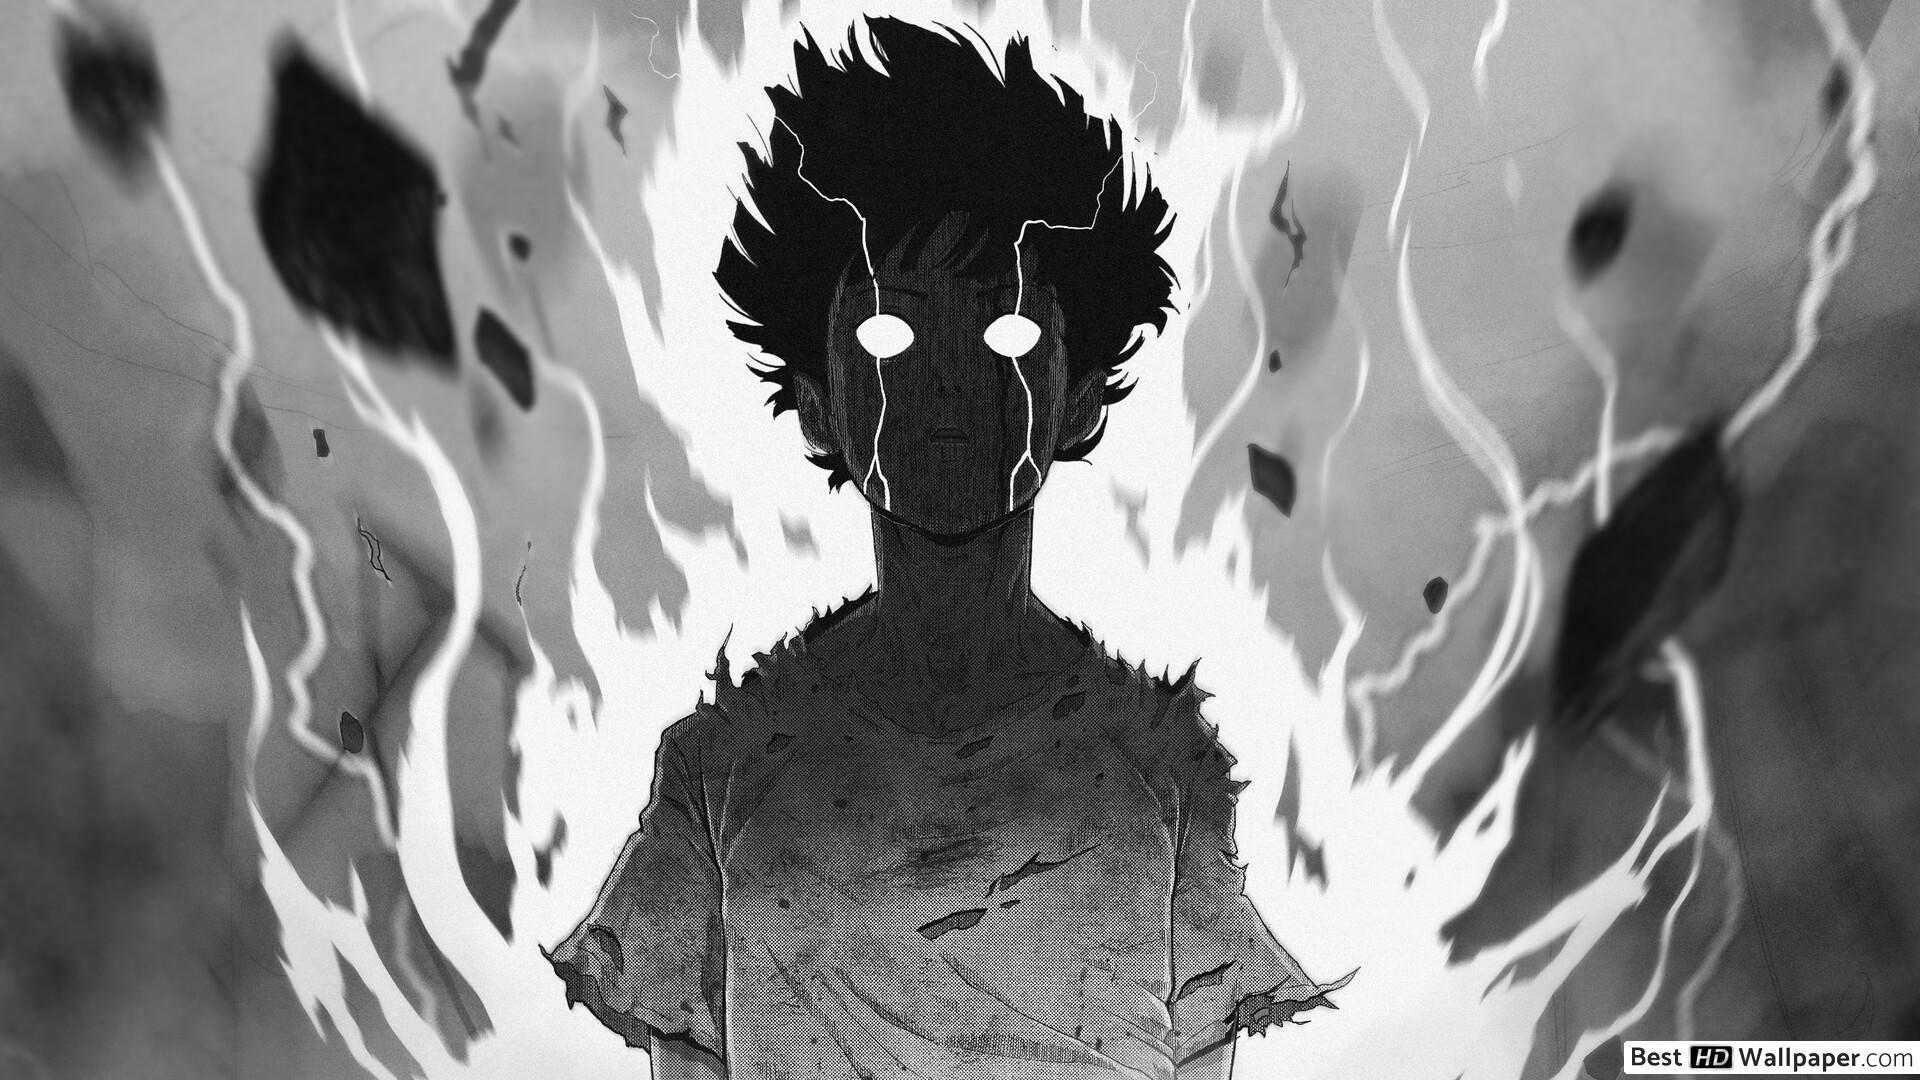 Hình nền anime đen trắng chàng trai có sức mạnh